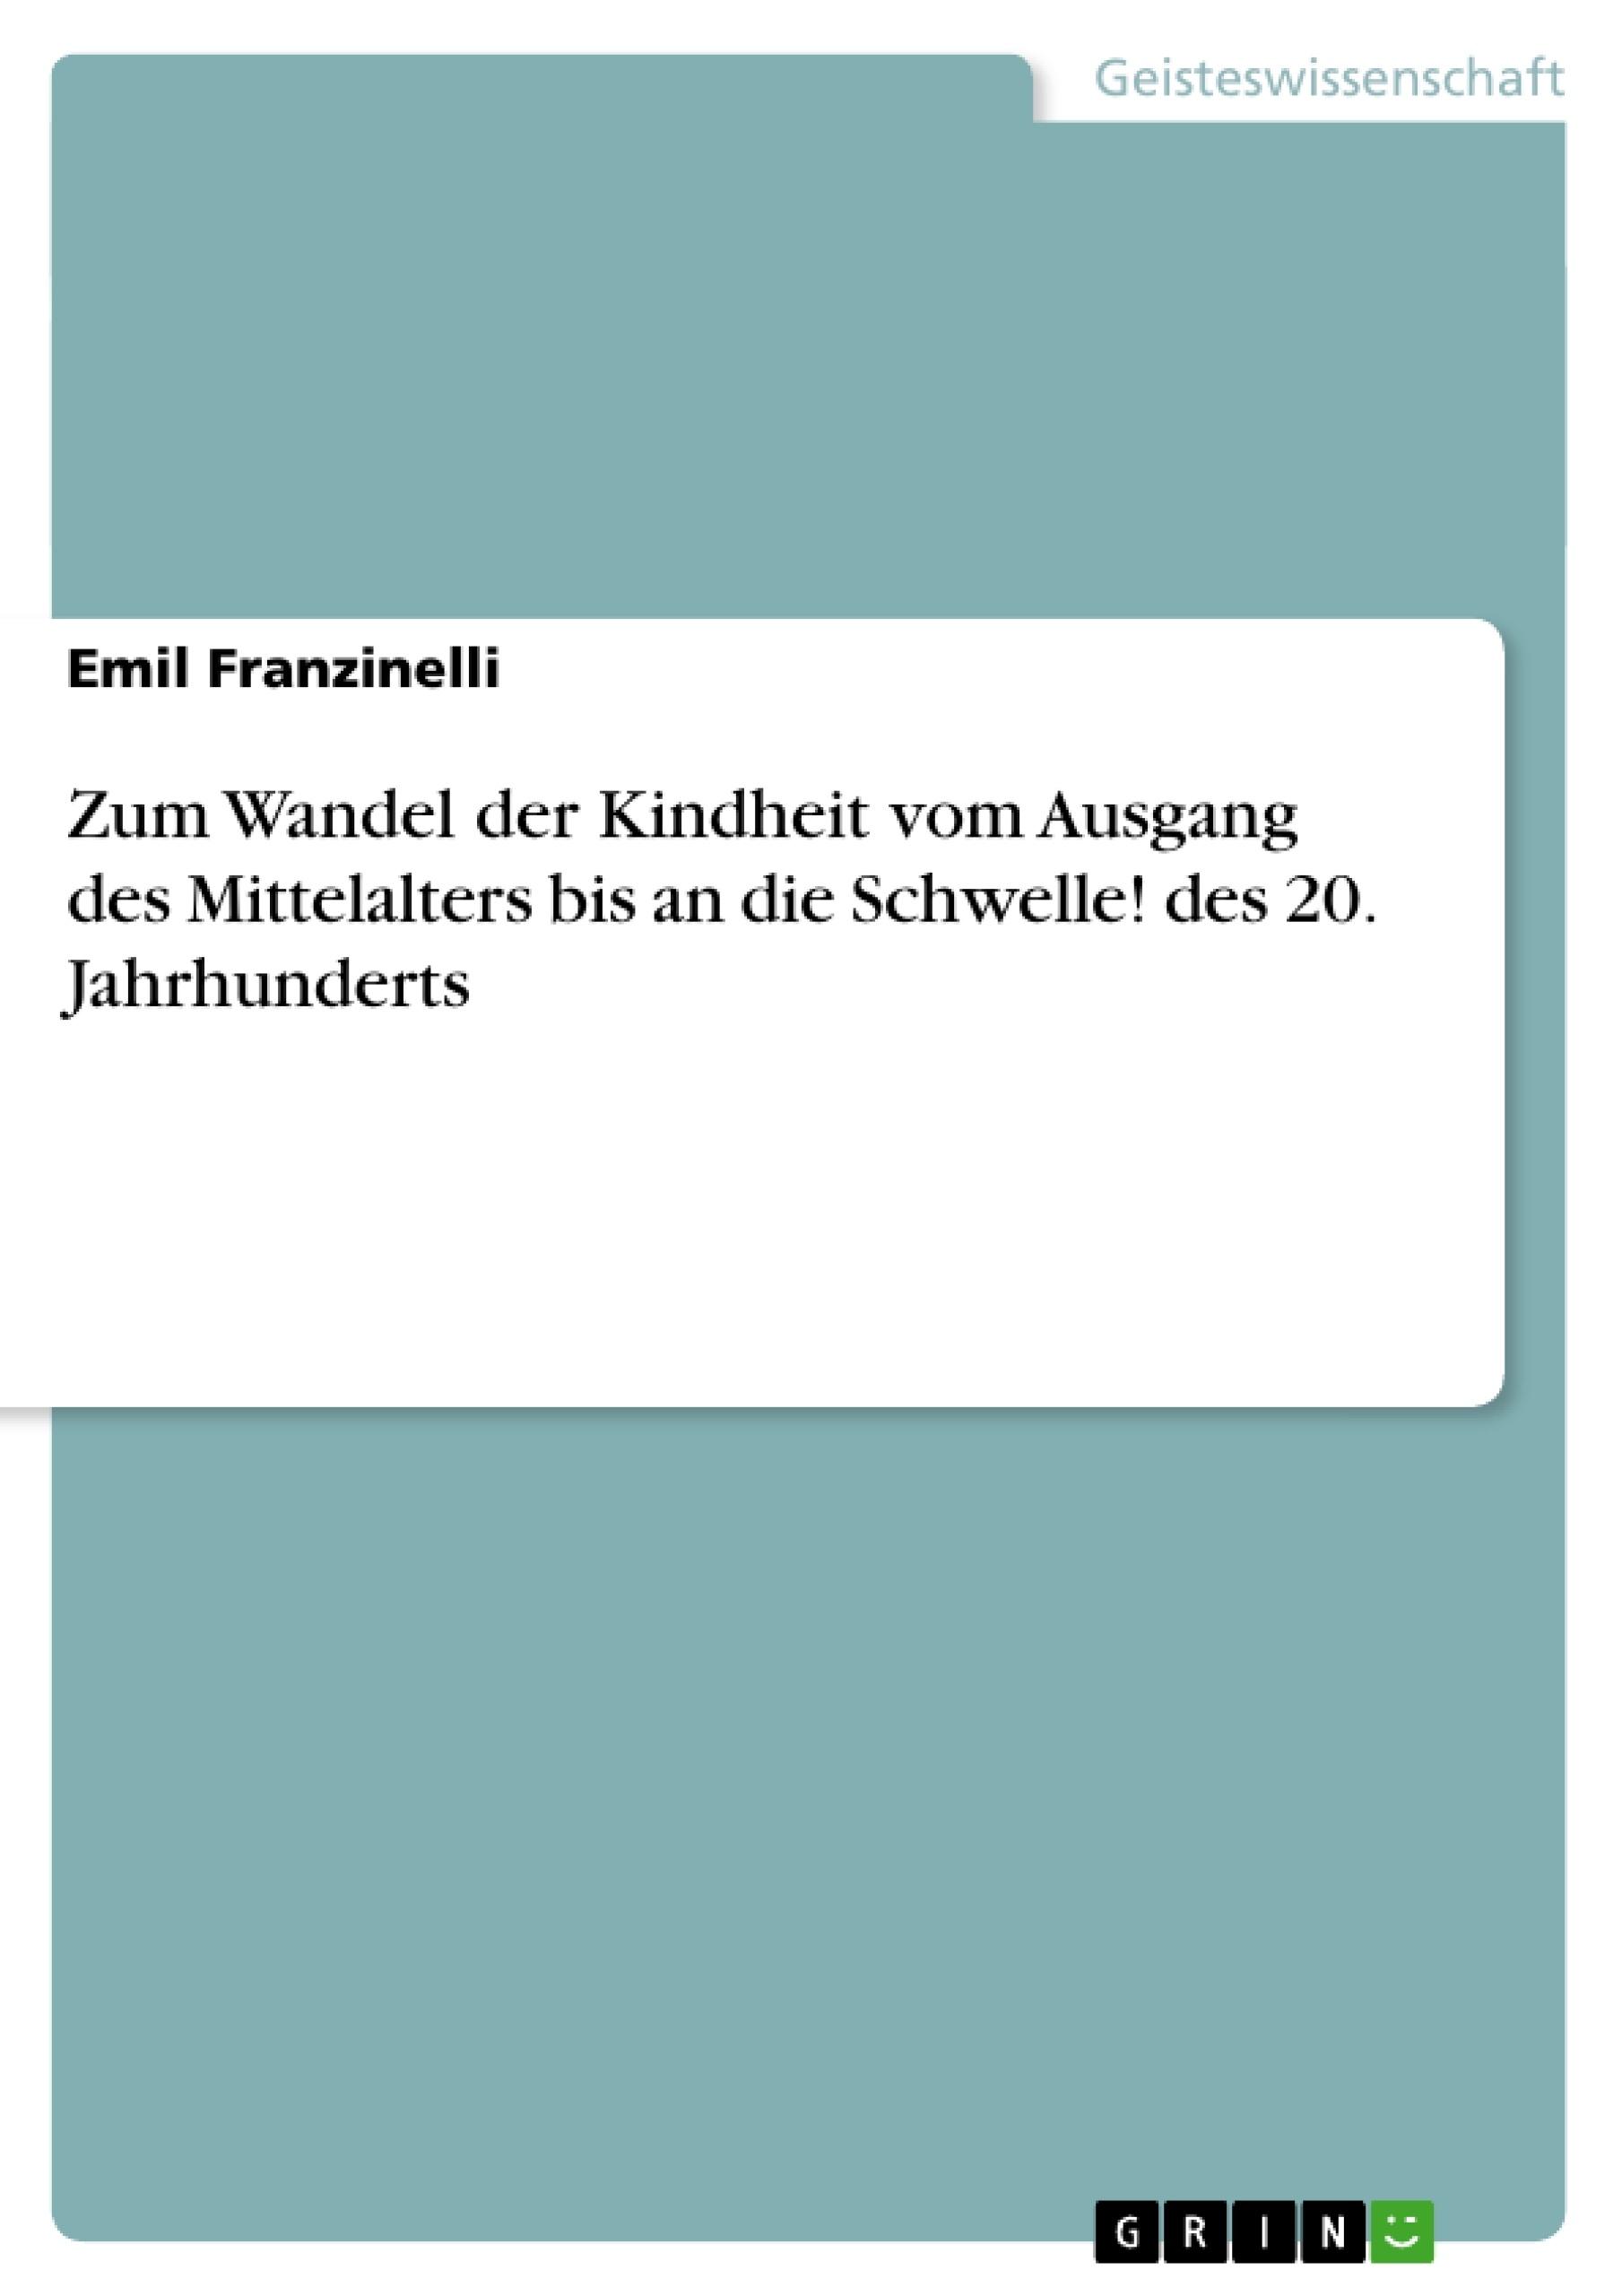 Titel: Zum Wandel der Kindheit vom Ausgang des Mittelalters bis an die Schwelle! des 20. Jahrhunderts